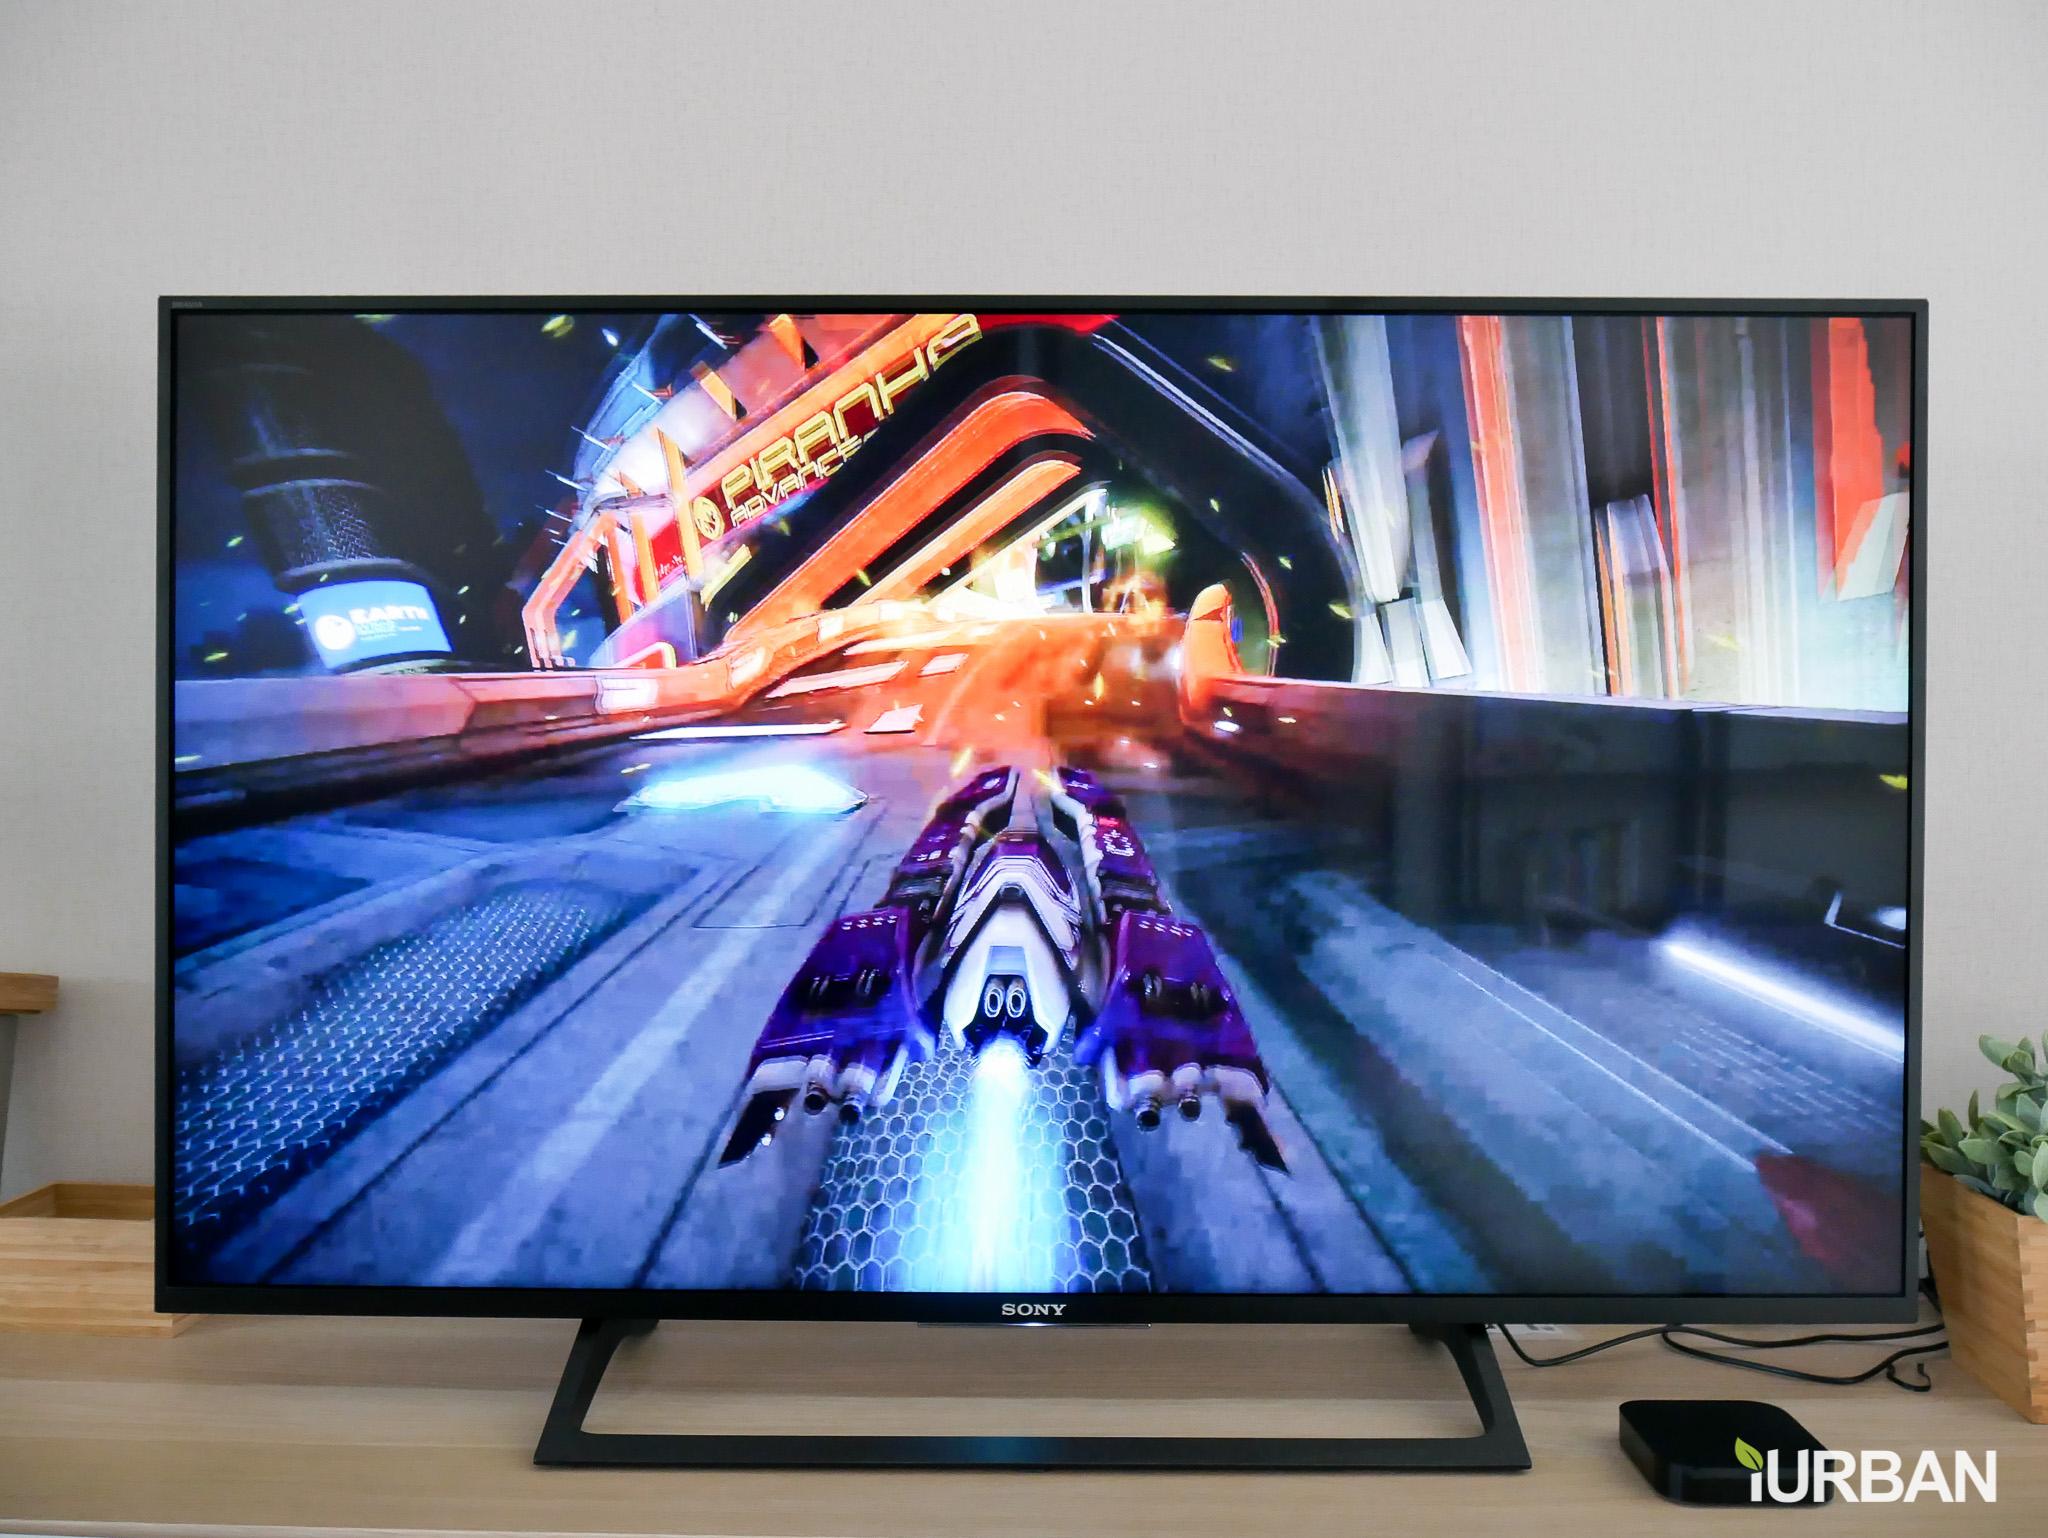 รีวิว SONY Android TV รุ่น X8000E งบ 26,990 แต่สเปค 4K HDR เชื่อมโลก Social กับทีวีอย่างสมบูรณ์แบบ 35 - Android